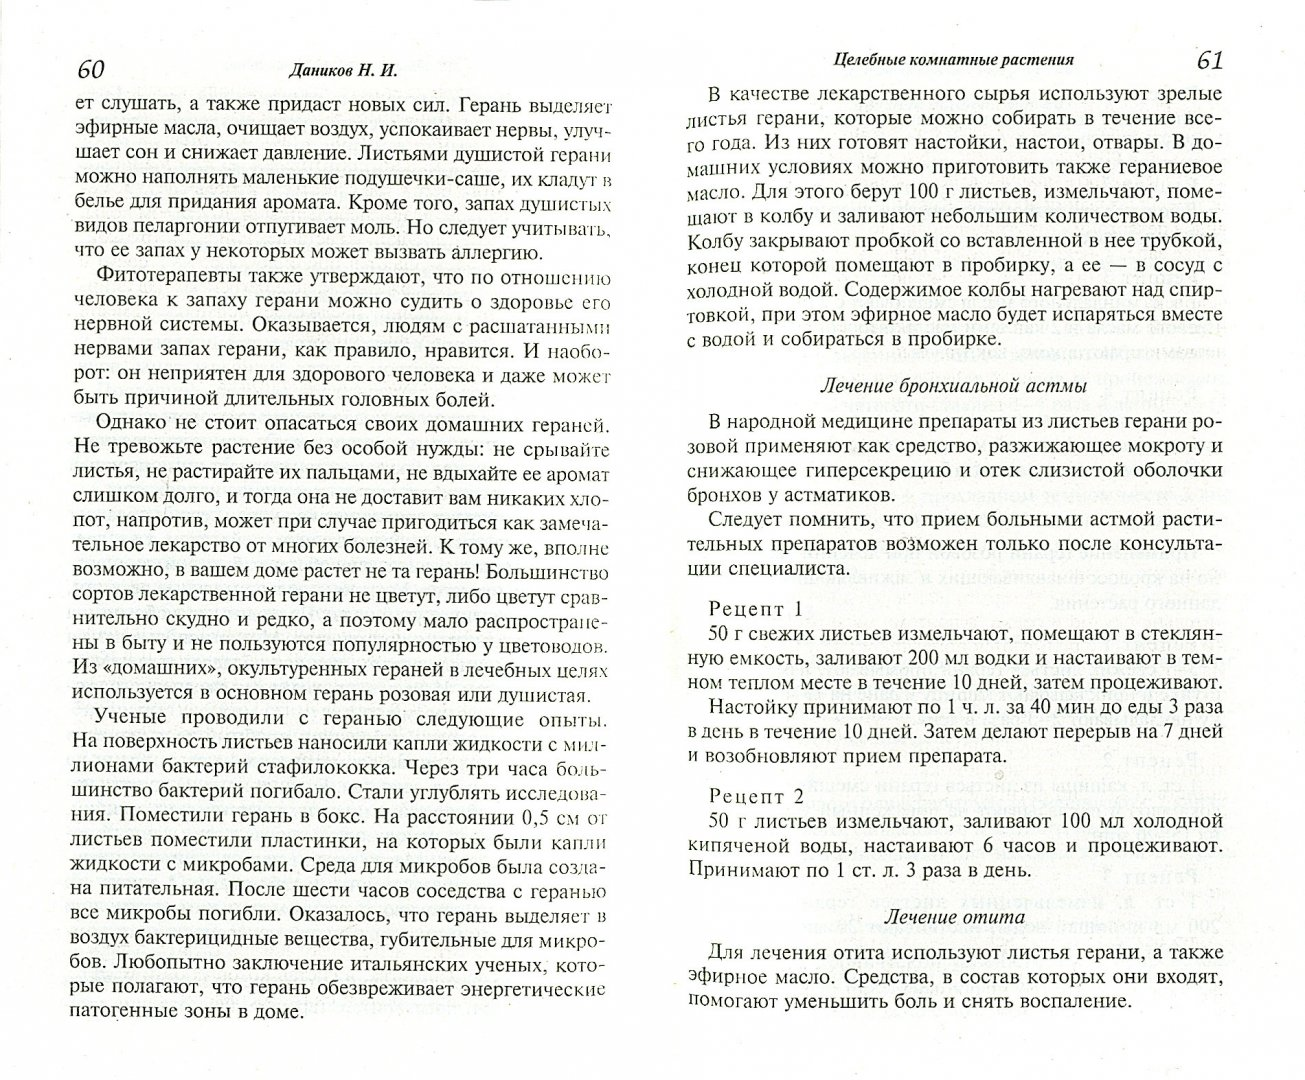 Иллюстрация 1 из 5 для Целебные комнатные растения - Николай Даников   Лабиринт - книги. Источник: Лабиринт